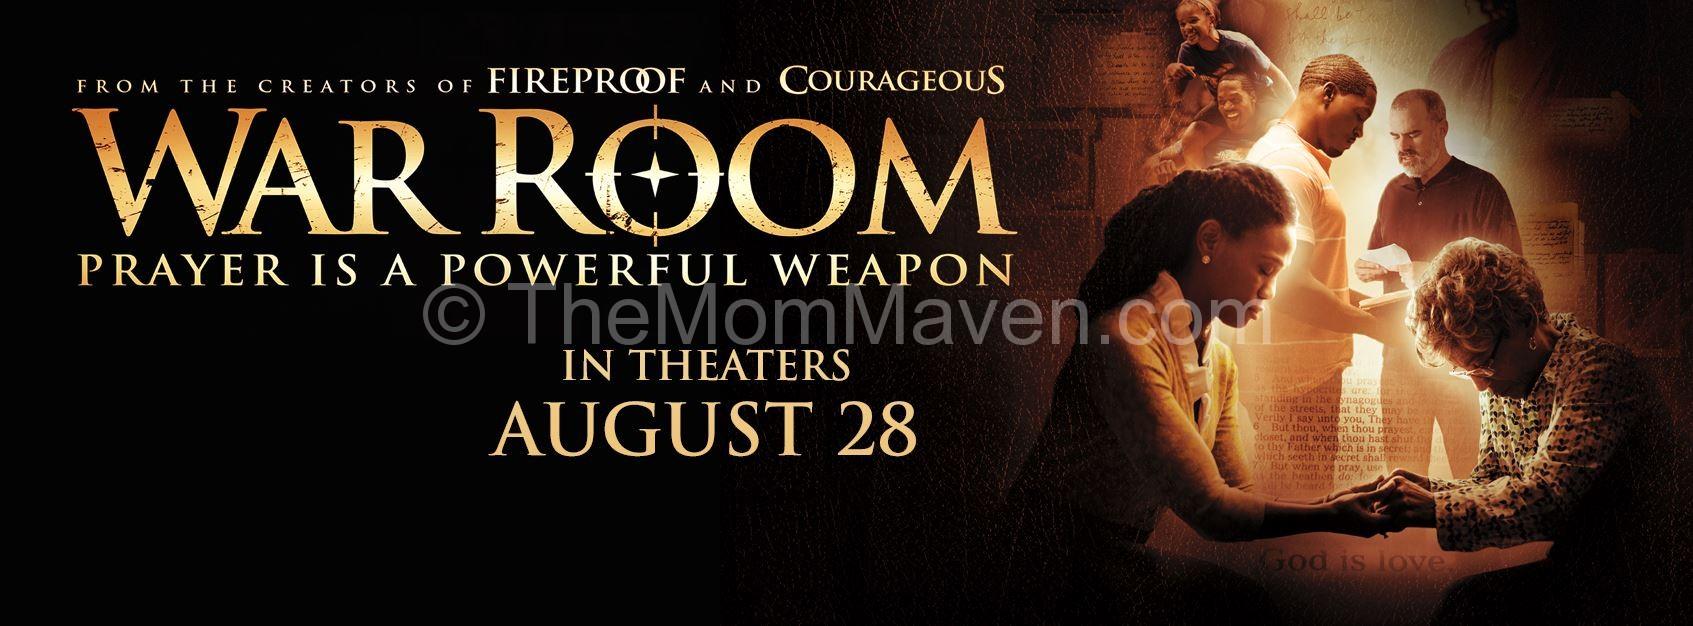 War Room Movie Cast